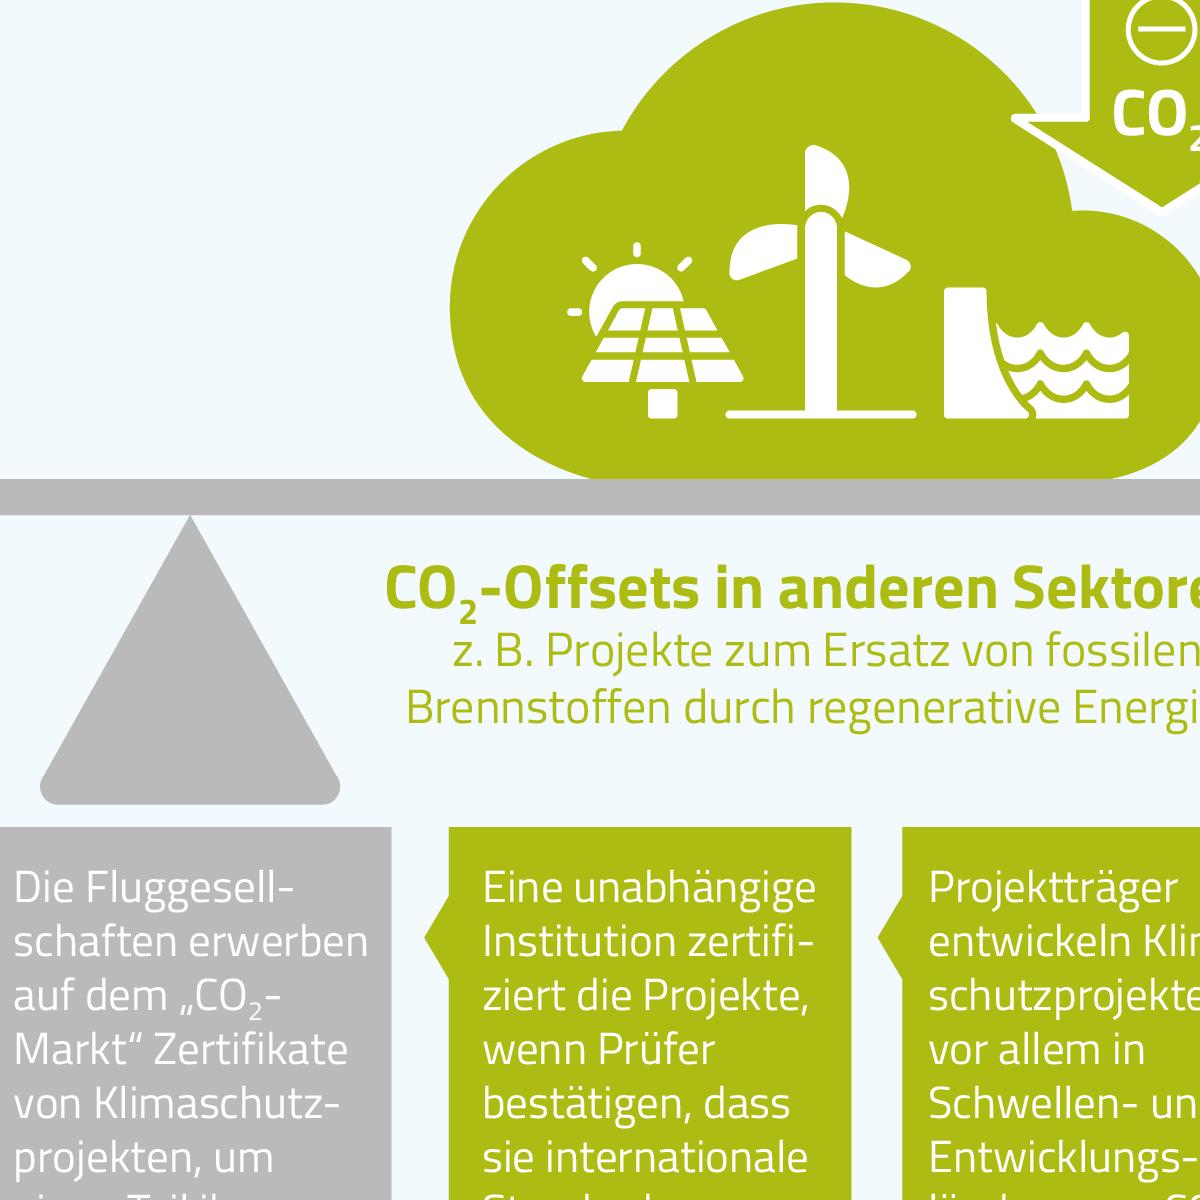 Grundzüge des ICAO-Offsetting-Systems CORSIA - CO2-Emissionen im Luftverkehr werden in anderen Sektoren ausgeglichen.